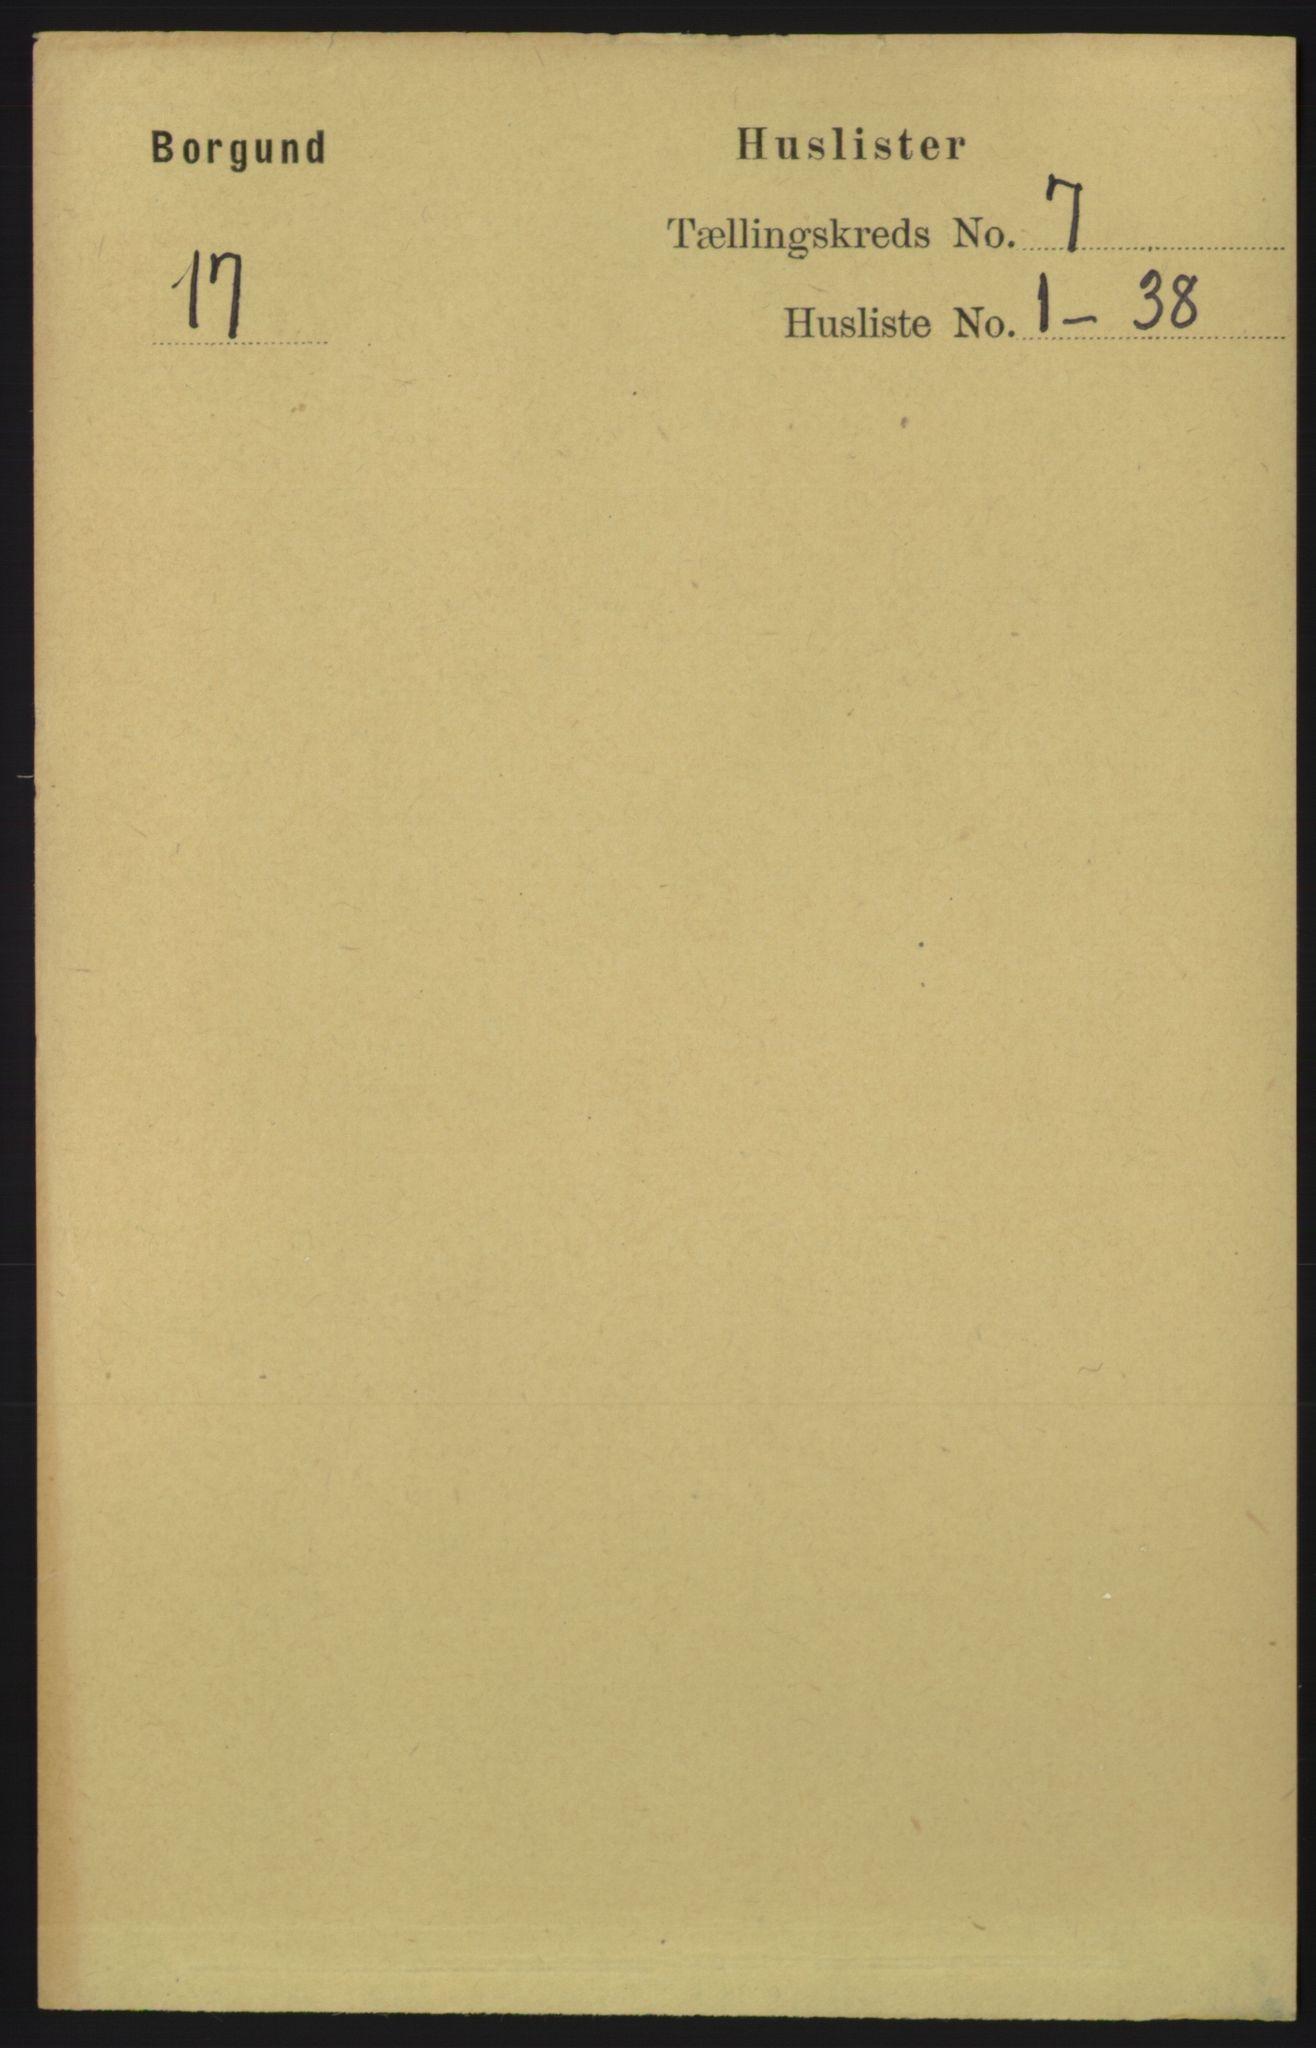 RA, Folketelling 1891 for 1531 Borgund herred, 1891, s. 1808